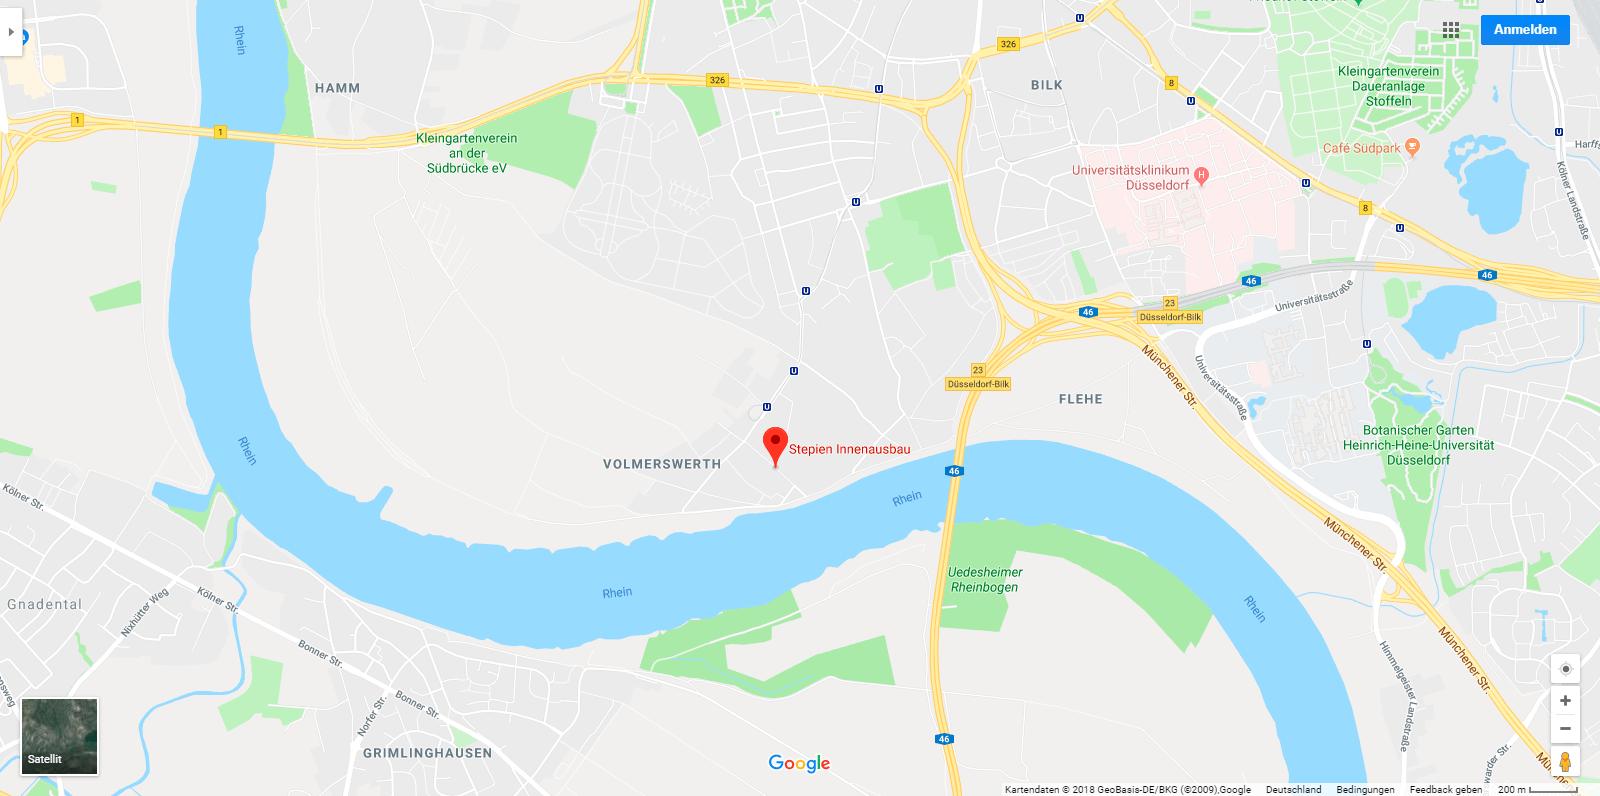 Stepien Innenausbau - Google Maps